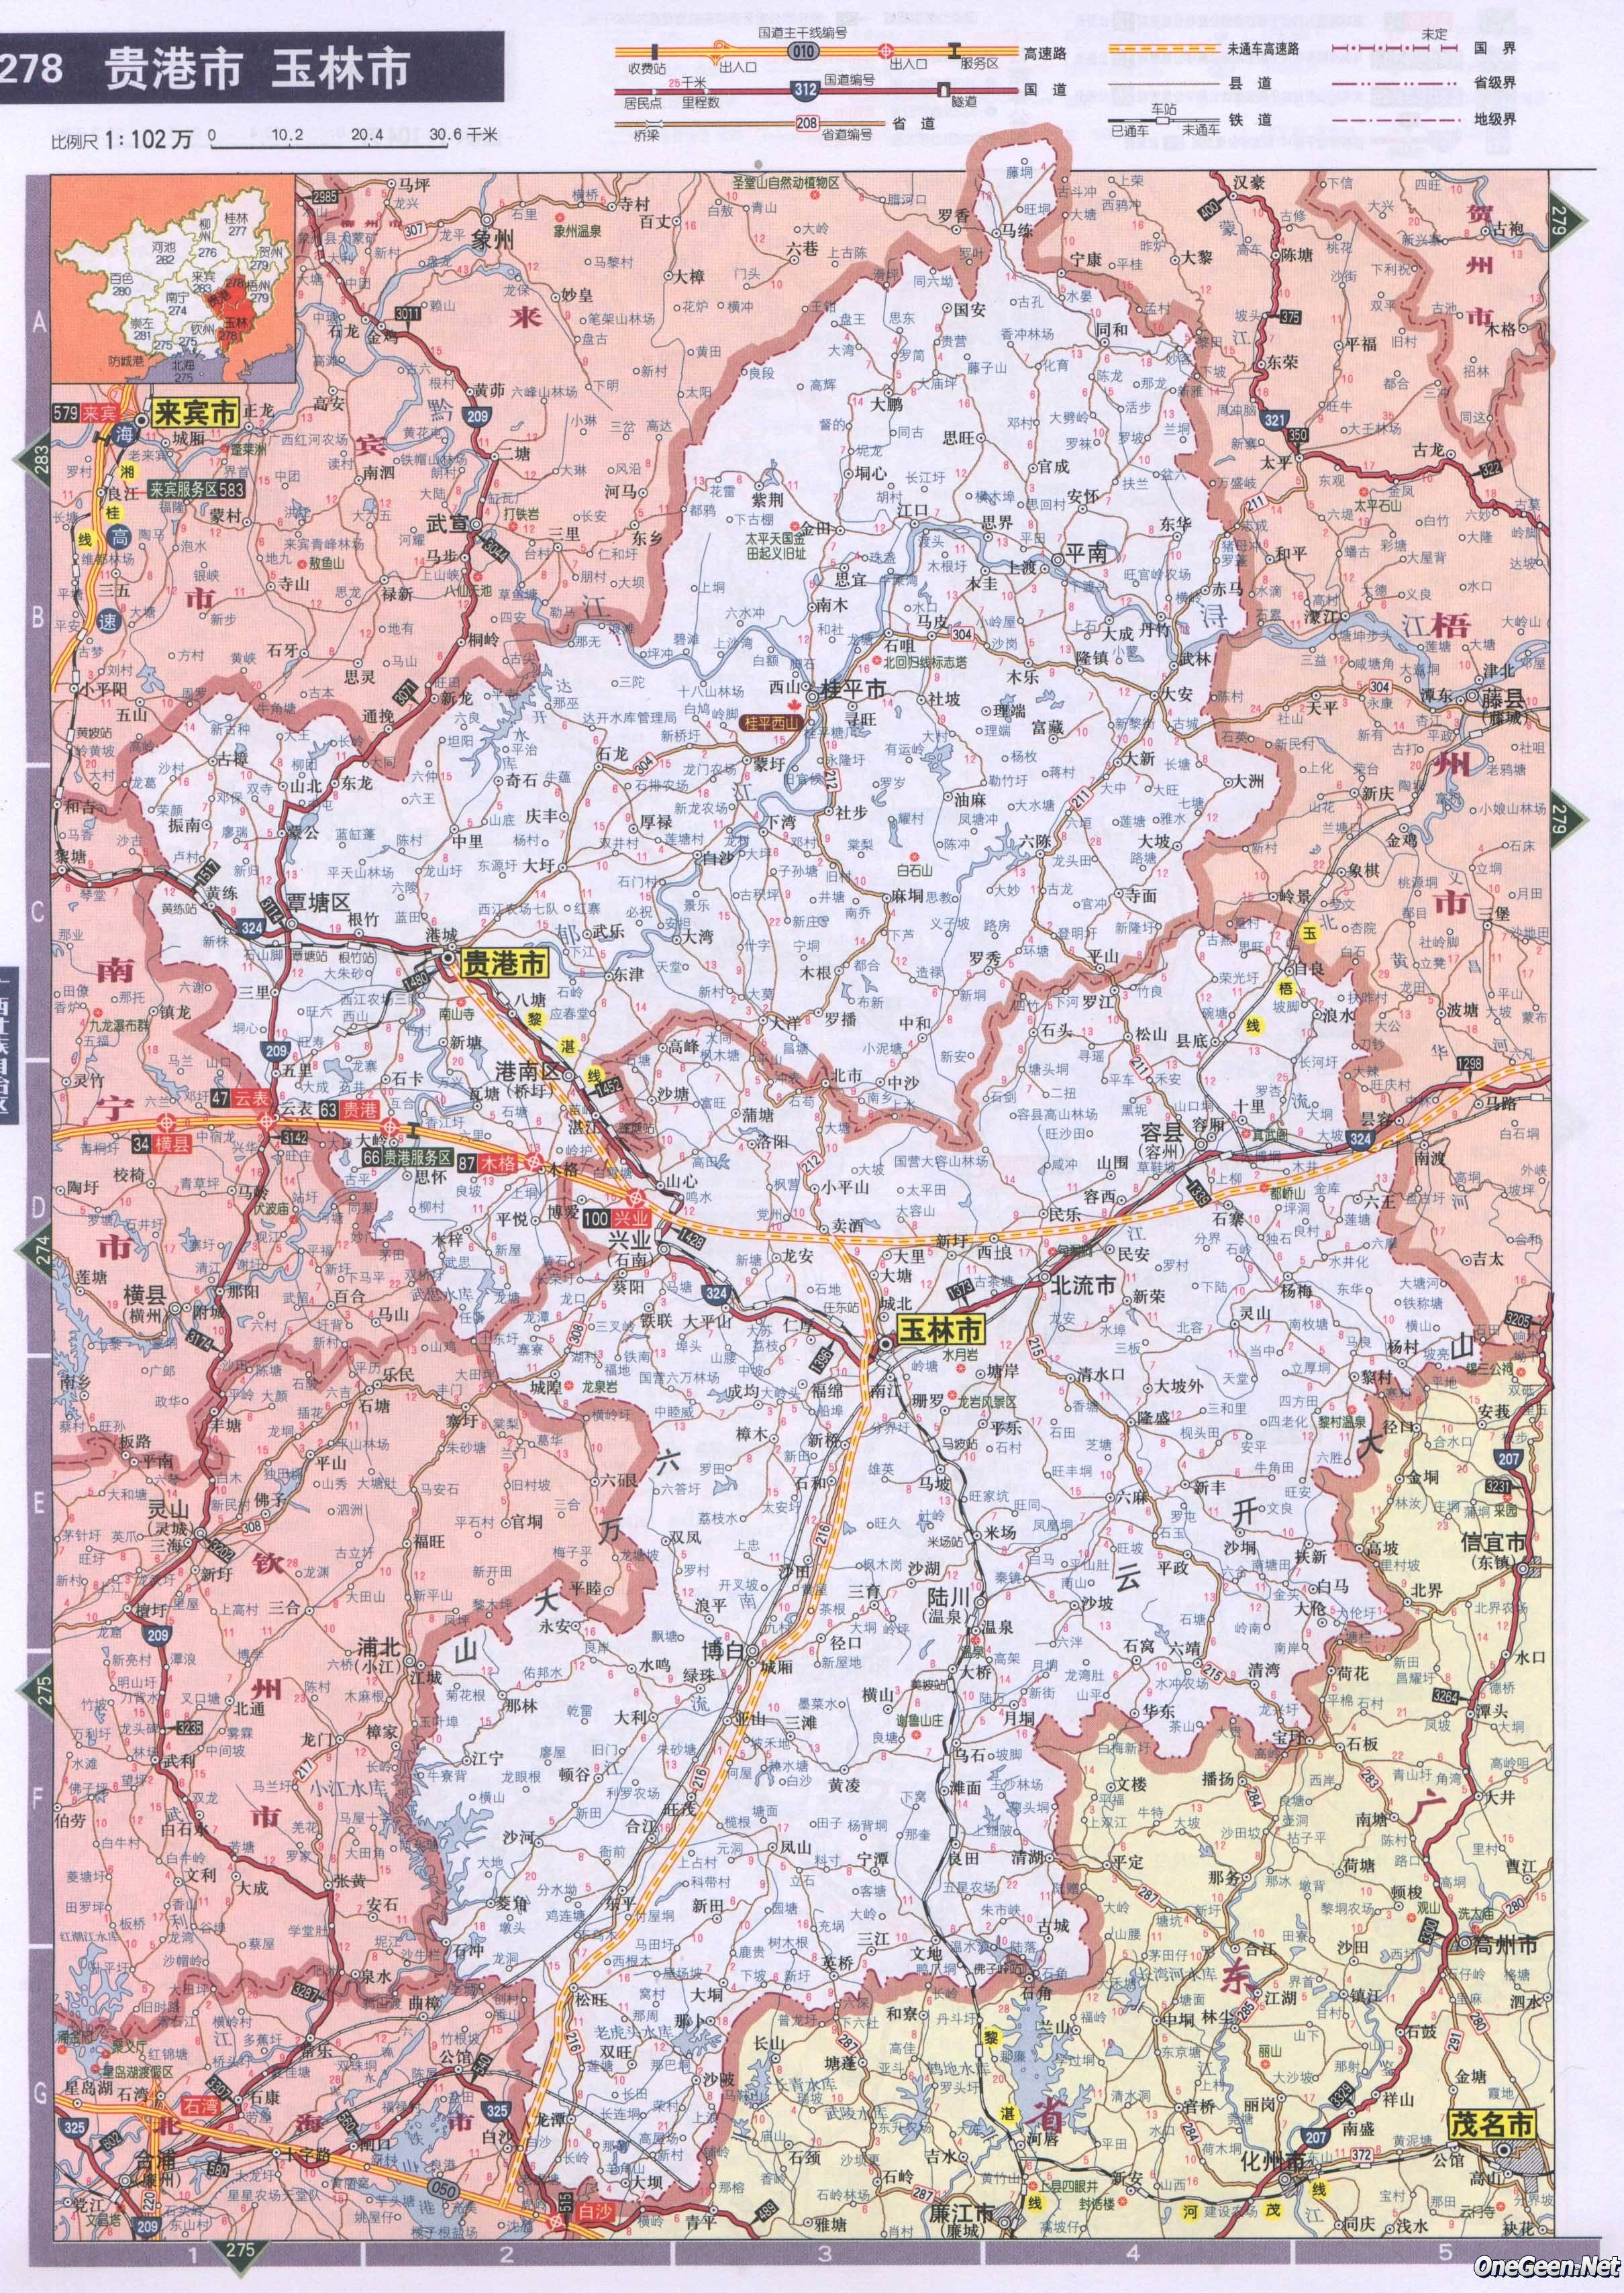 广西交通地图全图_广西贵港玉林公路交通地图图片